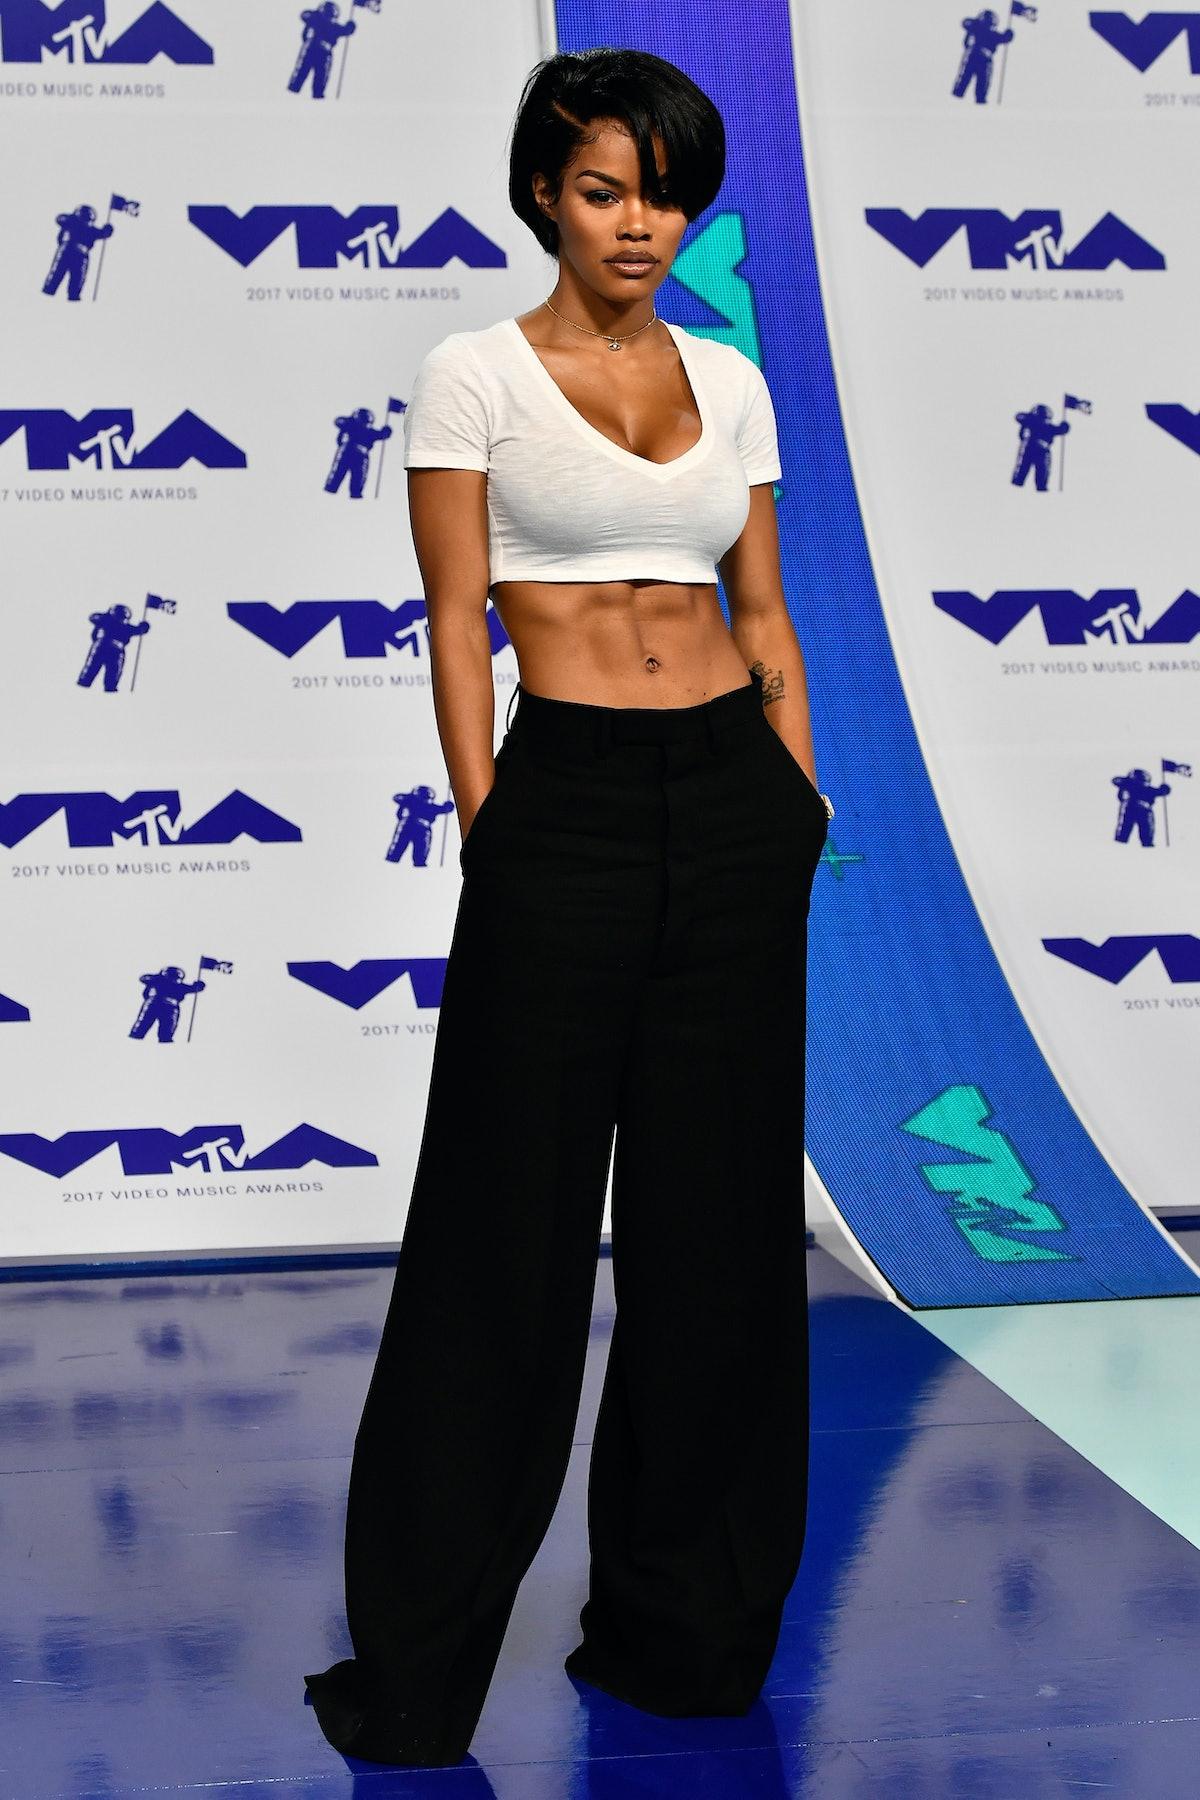 تیانا تیلور در مراسم اهدای جوایز موسیقی MTV 2017 در The Forum در 27 آگوست 2017 در اینگلوود ، ...